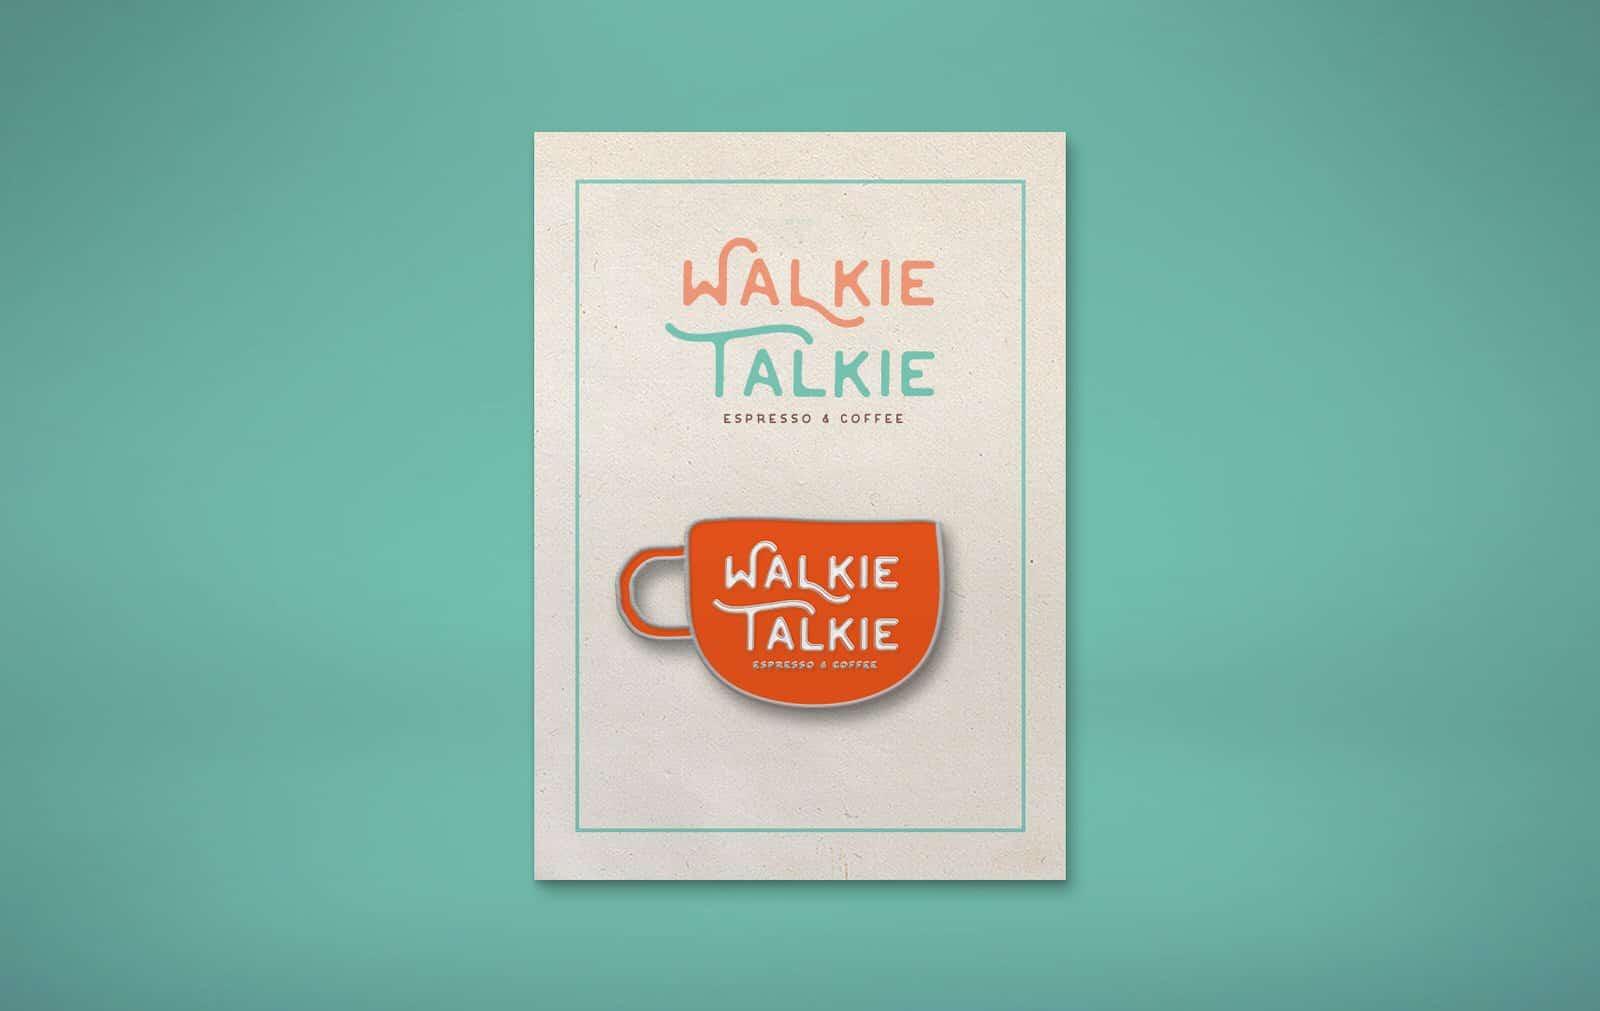 Walkie Talkie Espresso & Coffee 17